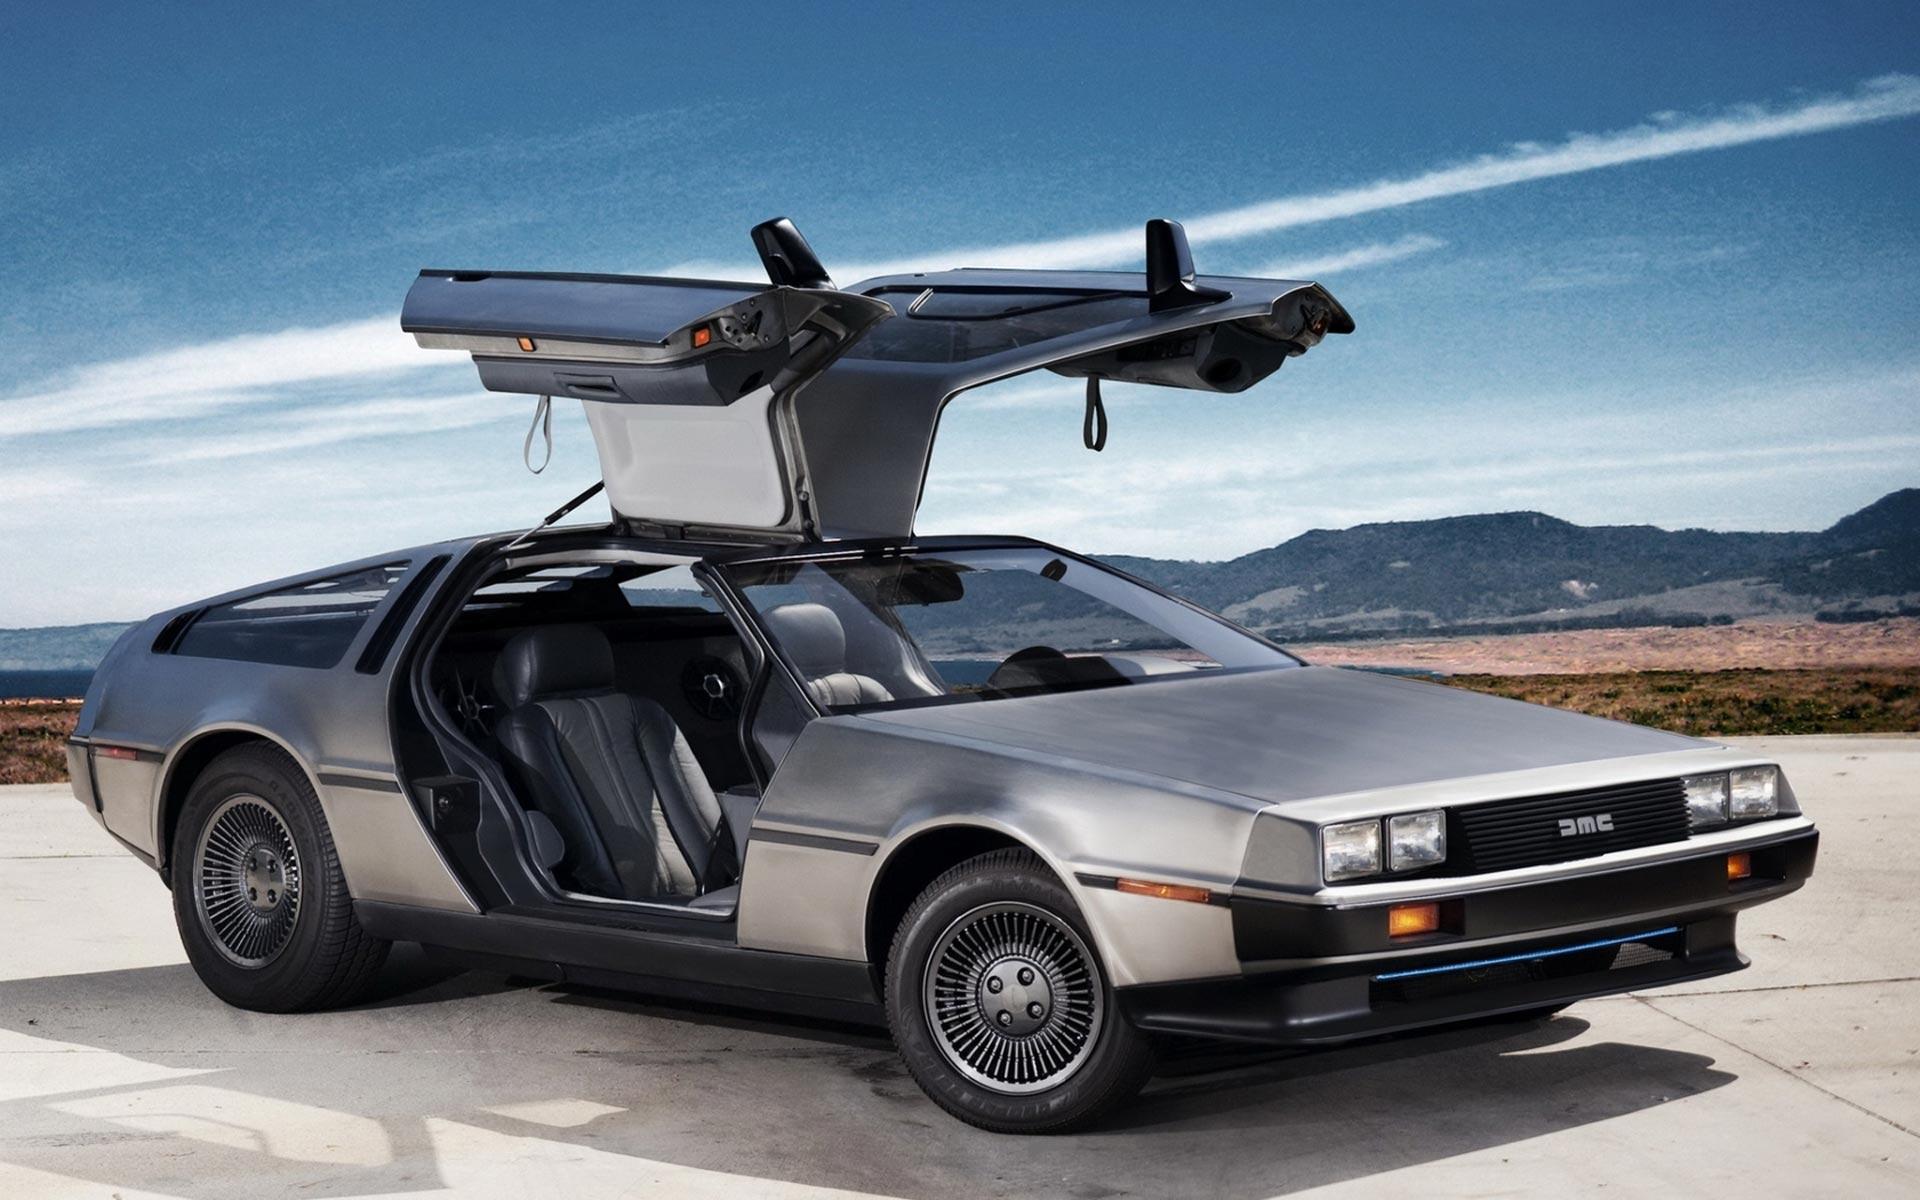 La DeLorean DMC-12s tornerà sul mercato